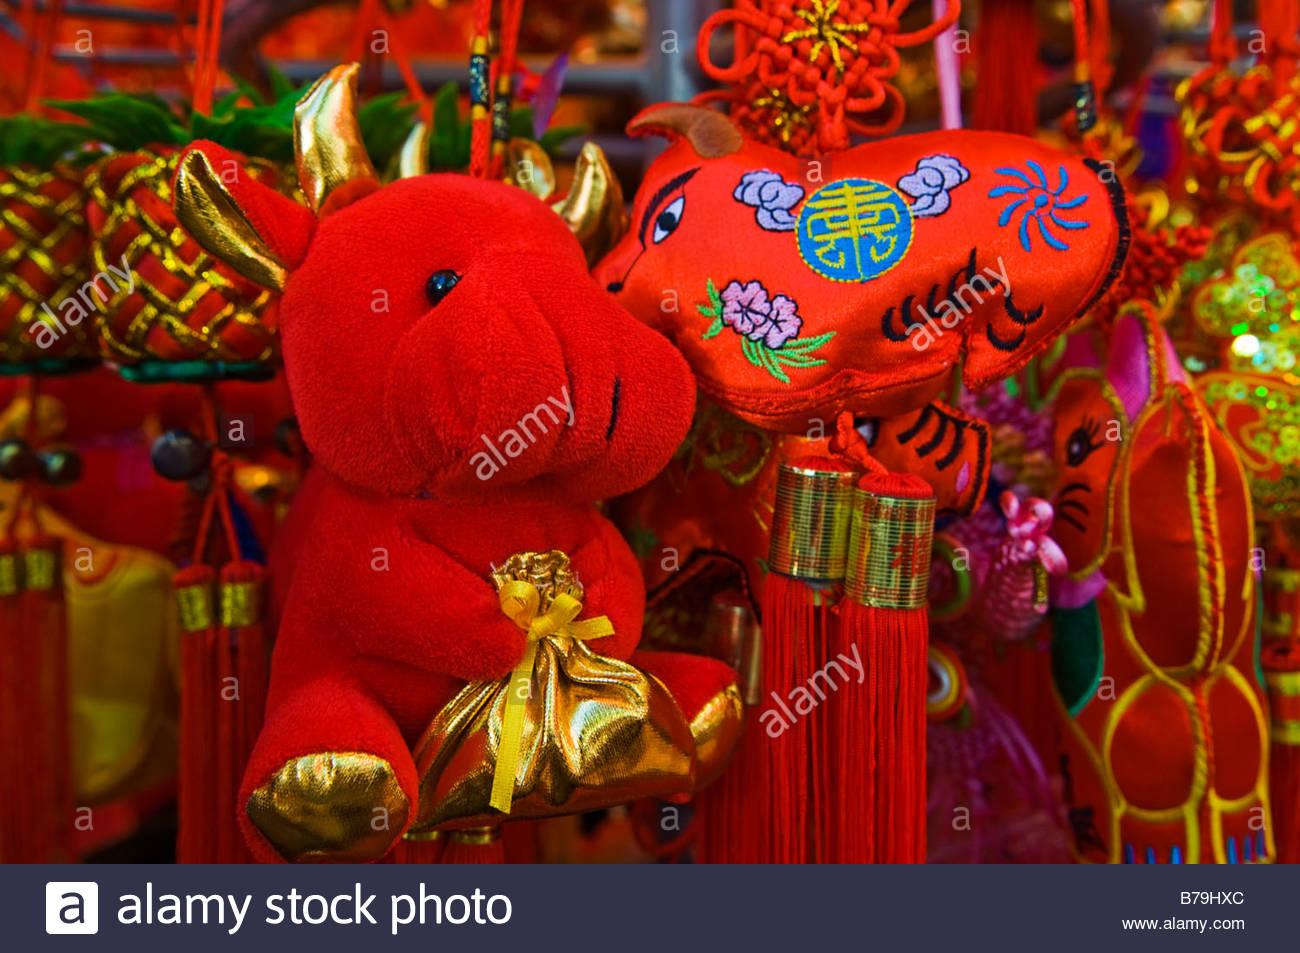 Anno del Bue decorazioni in un mercato di Hong Kong durante il Capodanno cinese 2009. Immagini Stock